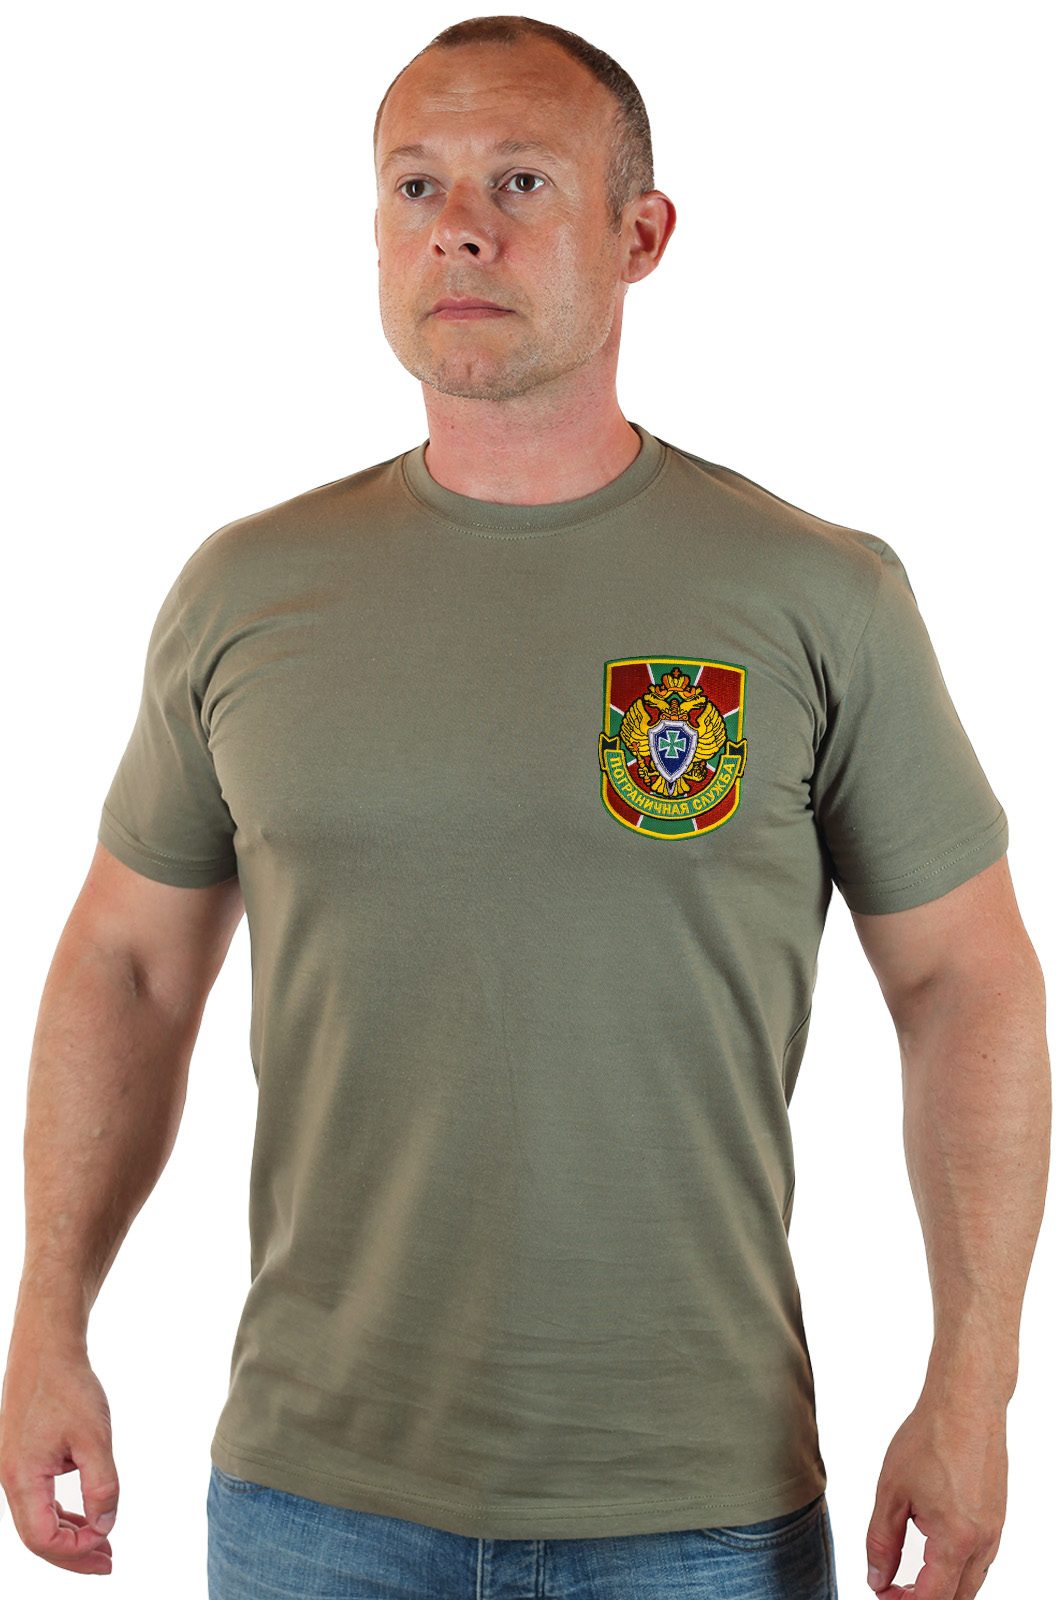 Купить в Москве футболку с эмблемой ПОГРАНИЧНАЯ СЛУЖБА